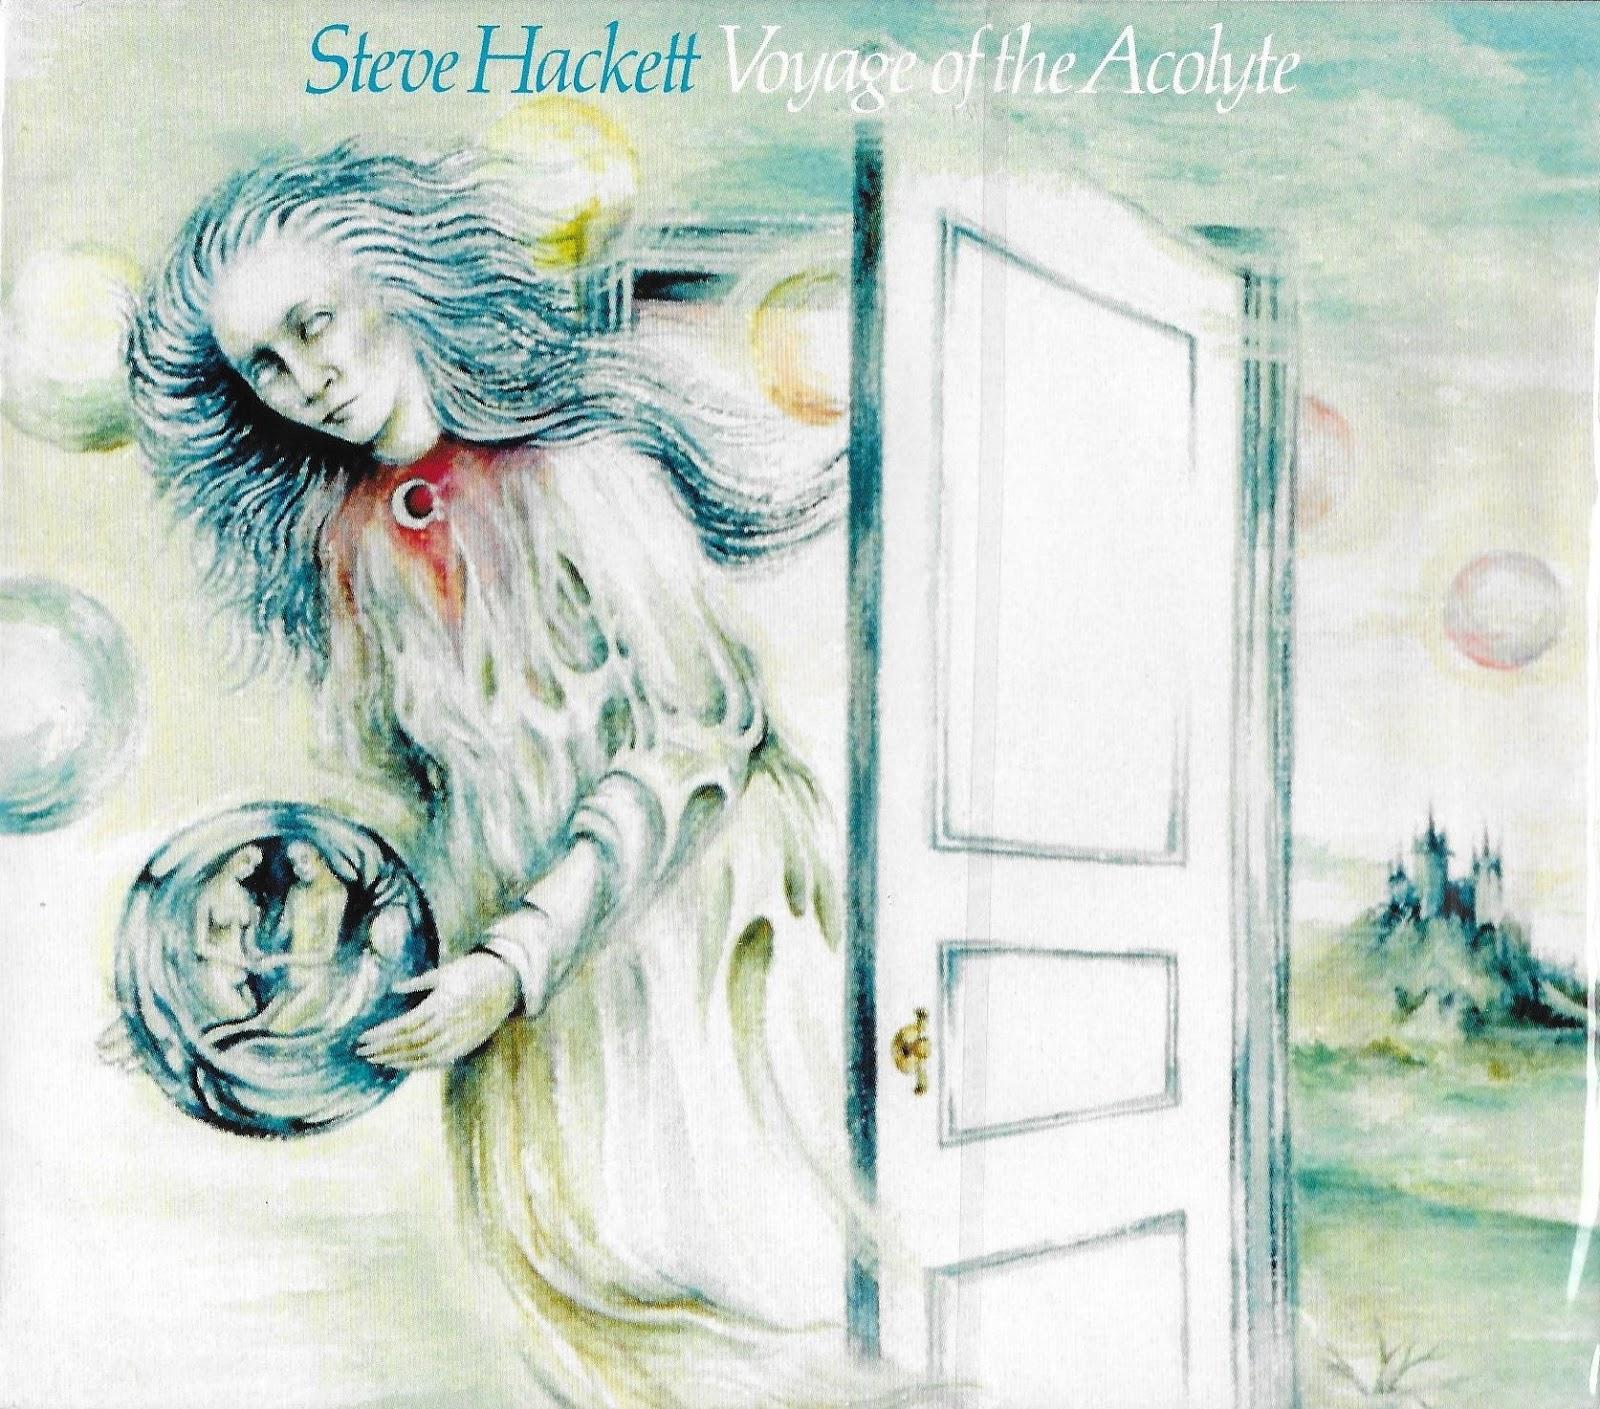 TopTicketshop - Steve Hackett-kaarten - topticketshop.nl